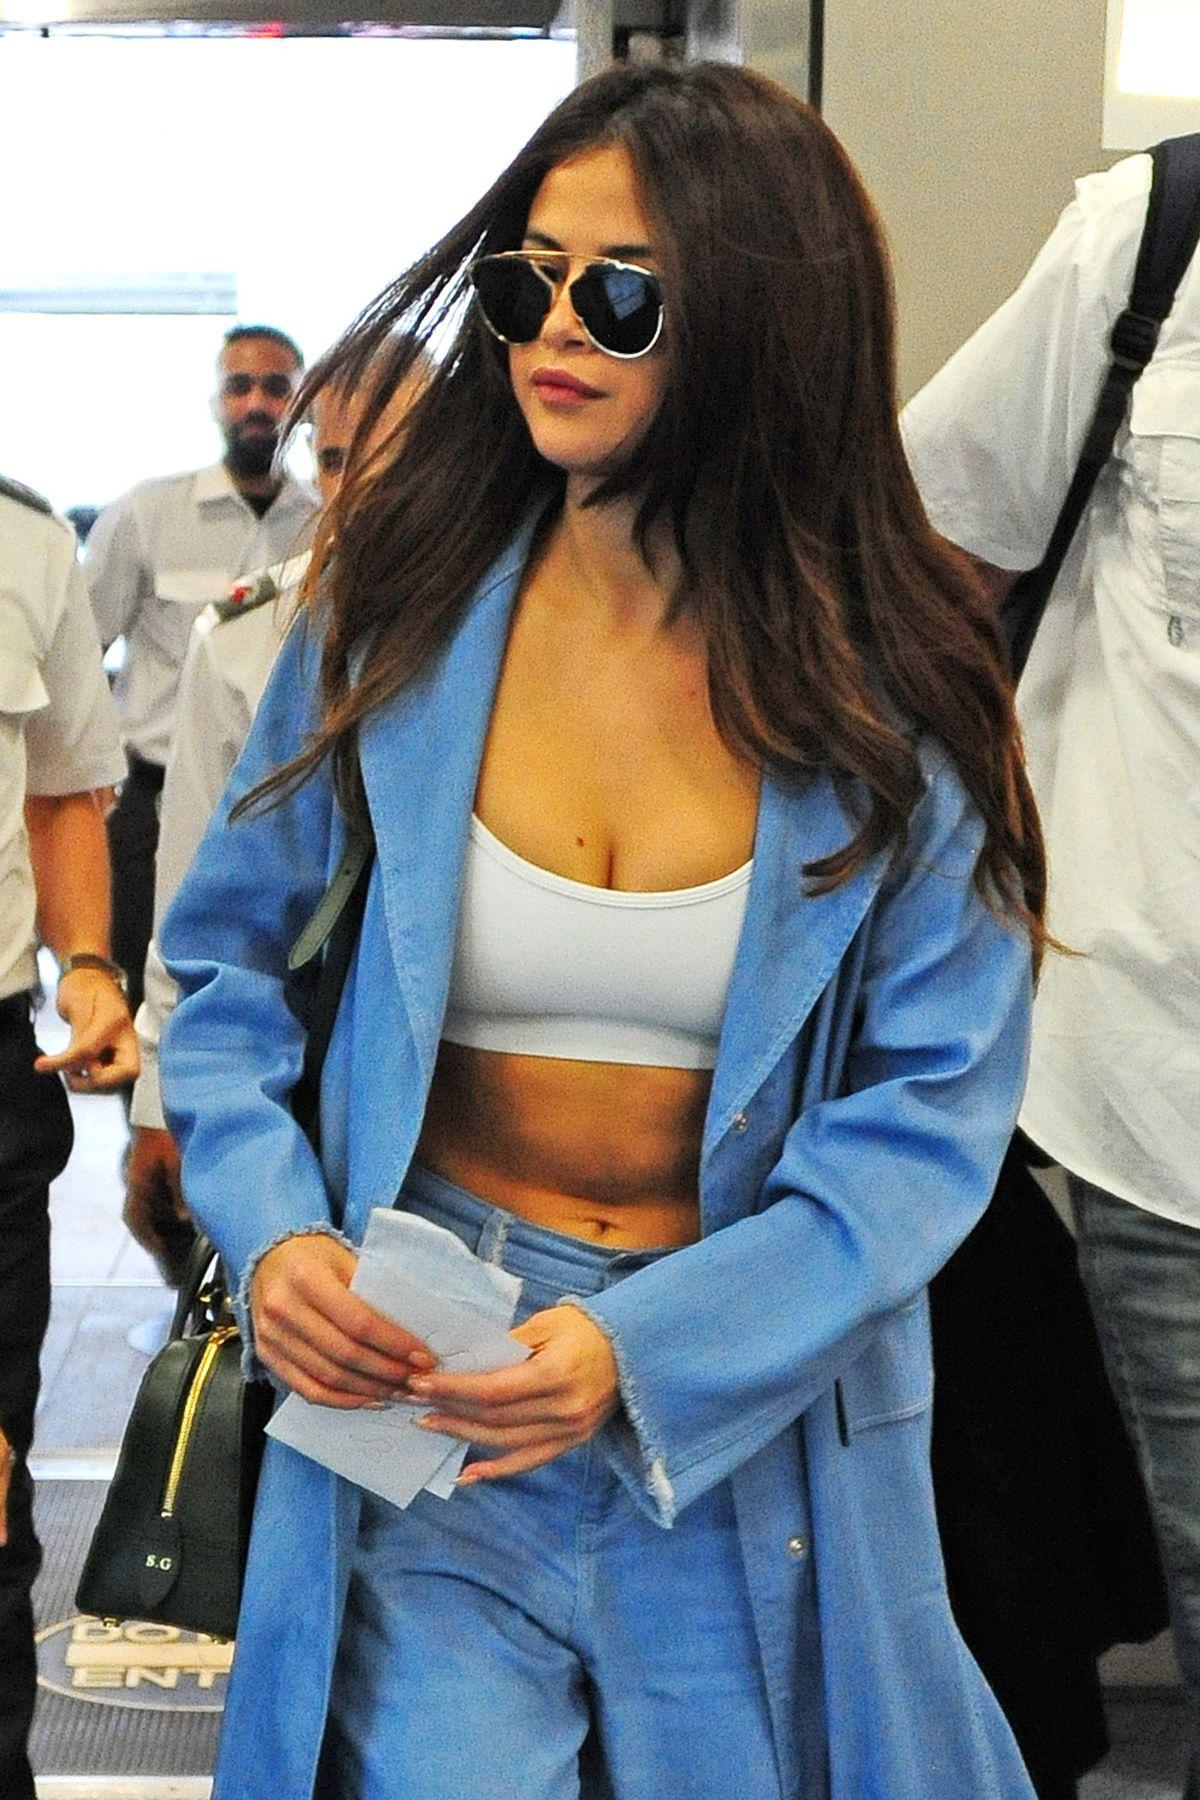 SELENA GOMEZ at Airport in Miami 04/09/2016